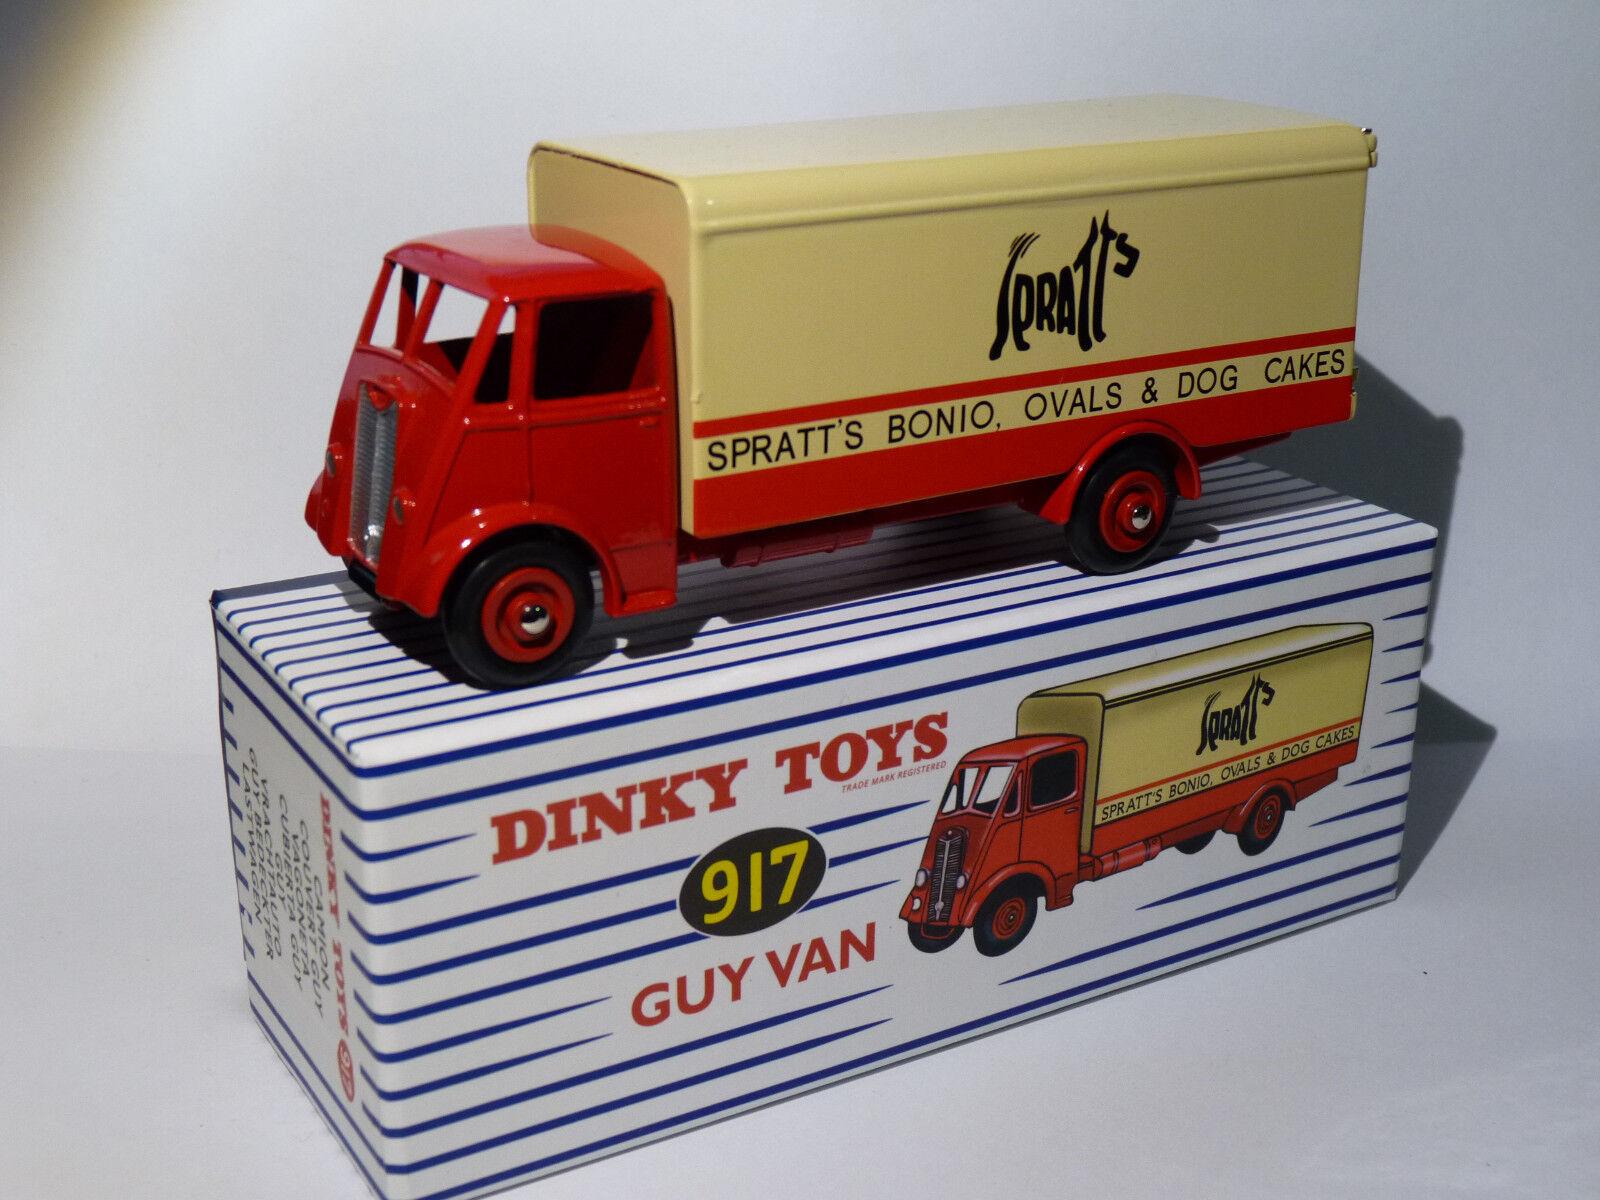 Camión Guy Van Transporte de SPRATT - Ref 917 514 Dinky súperJuguetes Atlas